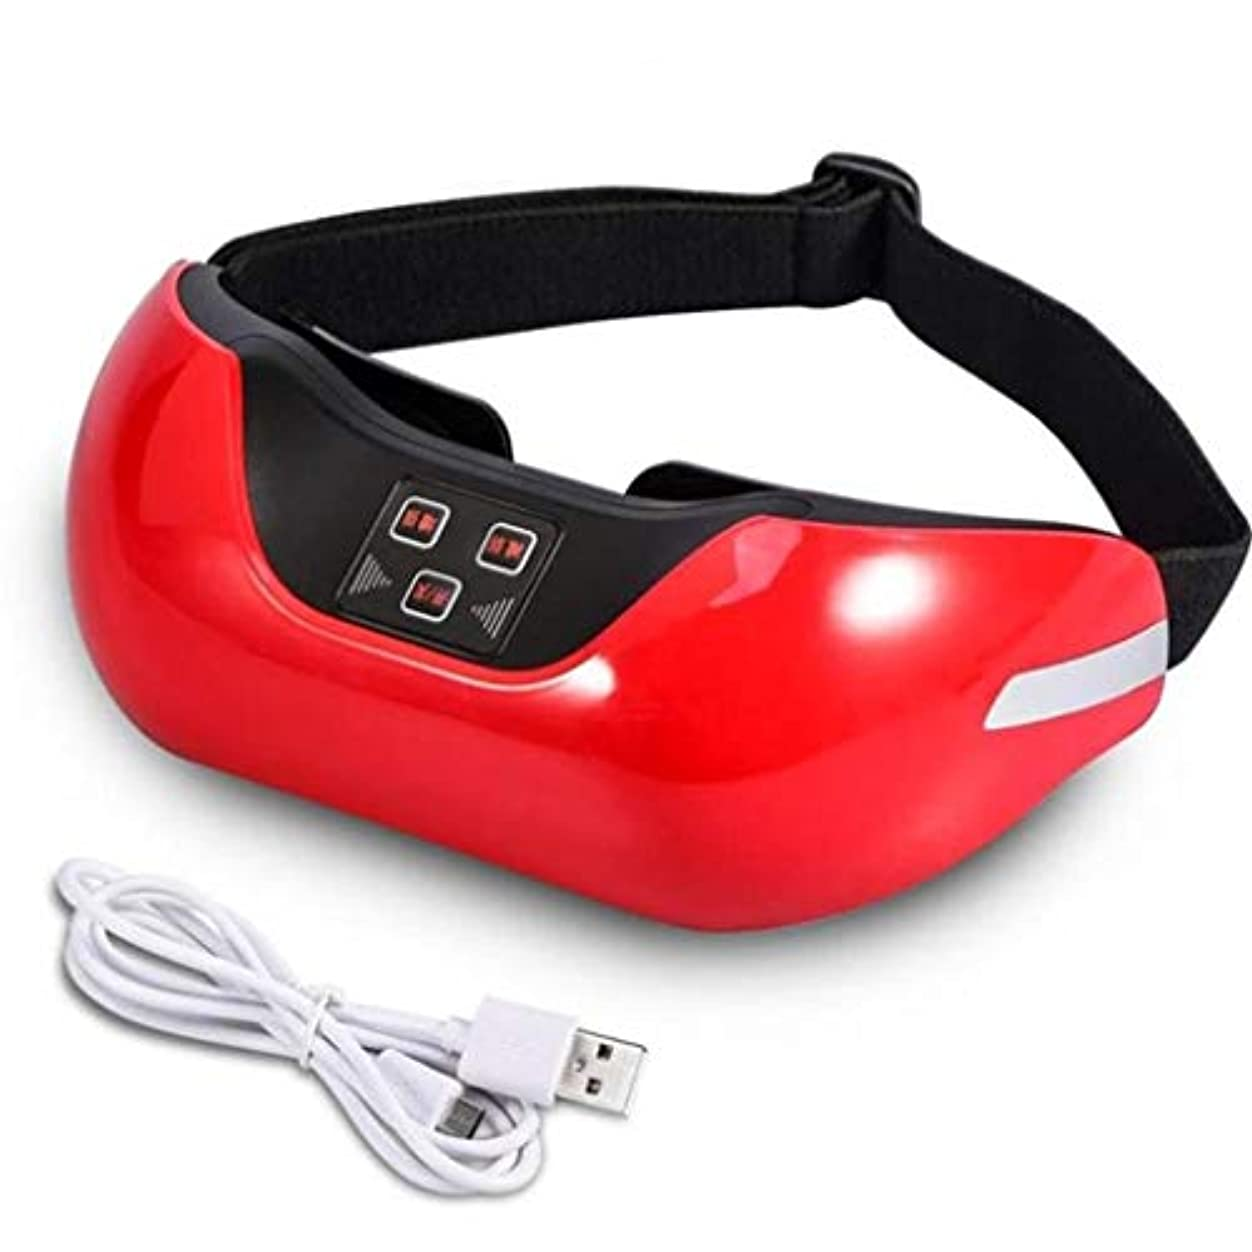 脚好奇心中庭アイマッサージャー、ワイヤレス3D充電式グリーンアイリカバリービジョン電動マッサージャー、修復ビジョンマッサージャー、アイケアツールは血液循環を促進し、疲労を和らげます (Color : Red)